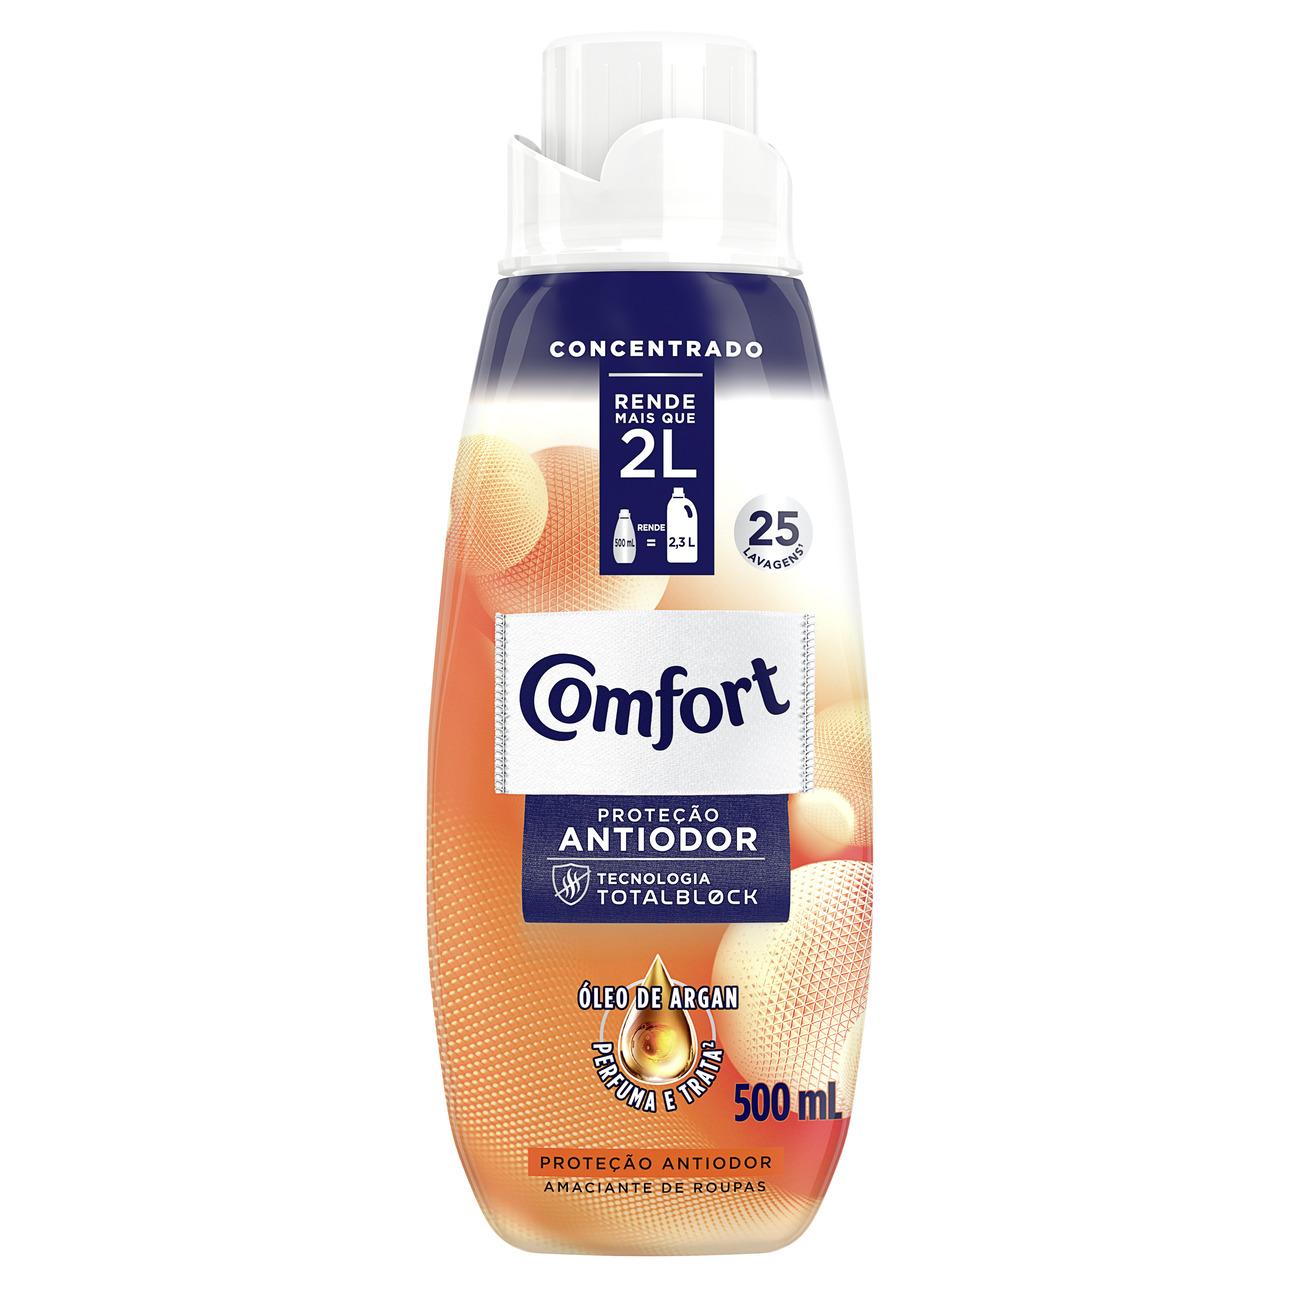 Amaciante Concentrado Comfort Proteção Antiodor 500ml